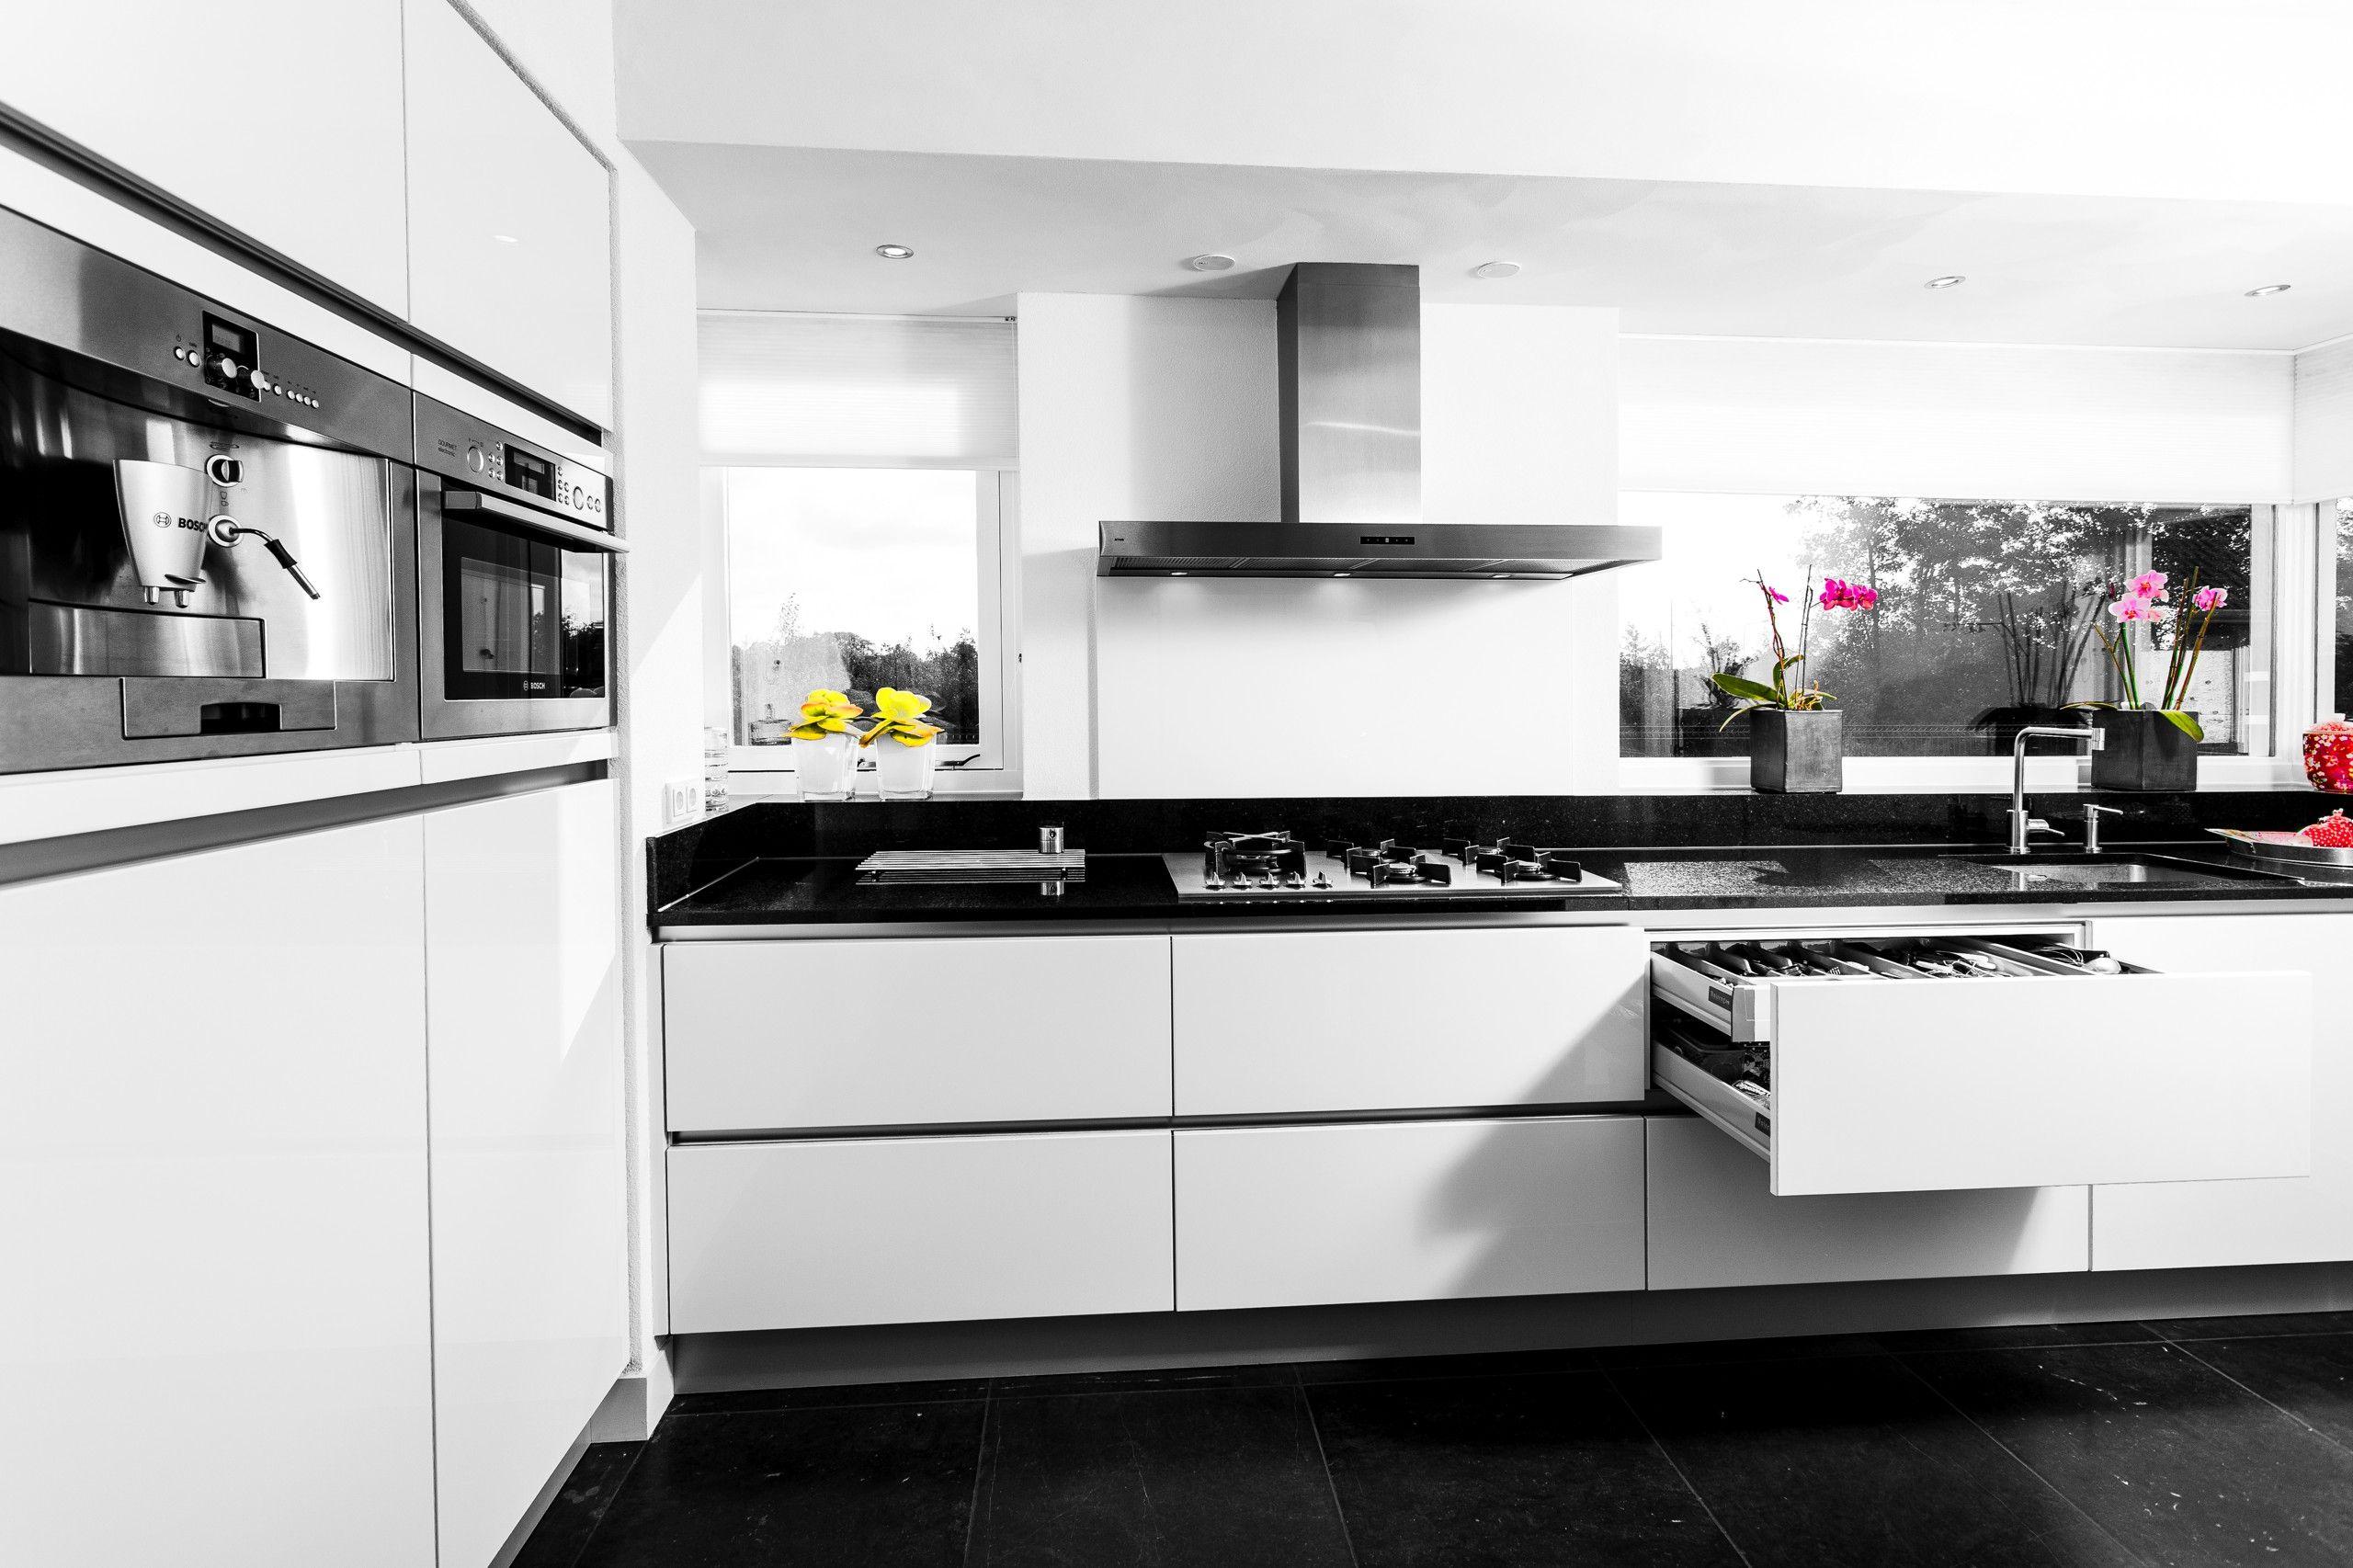 Hoogglans Witte Keuken : Welke kleur vloer bij hoogglans witte keuken keuken kitchen